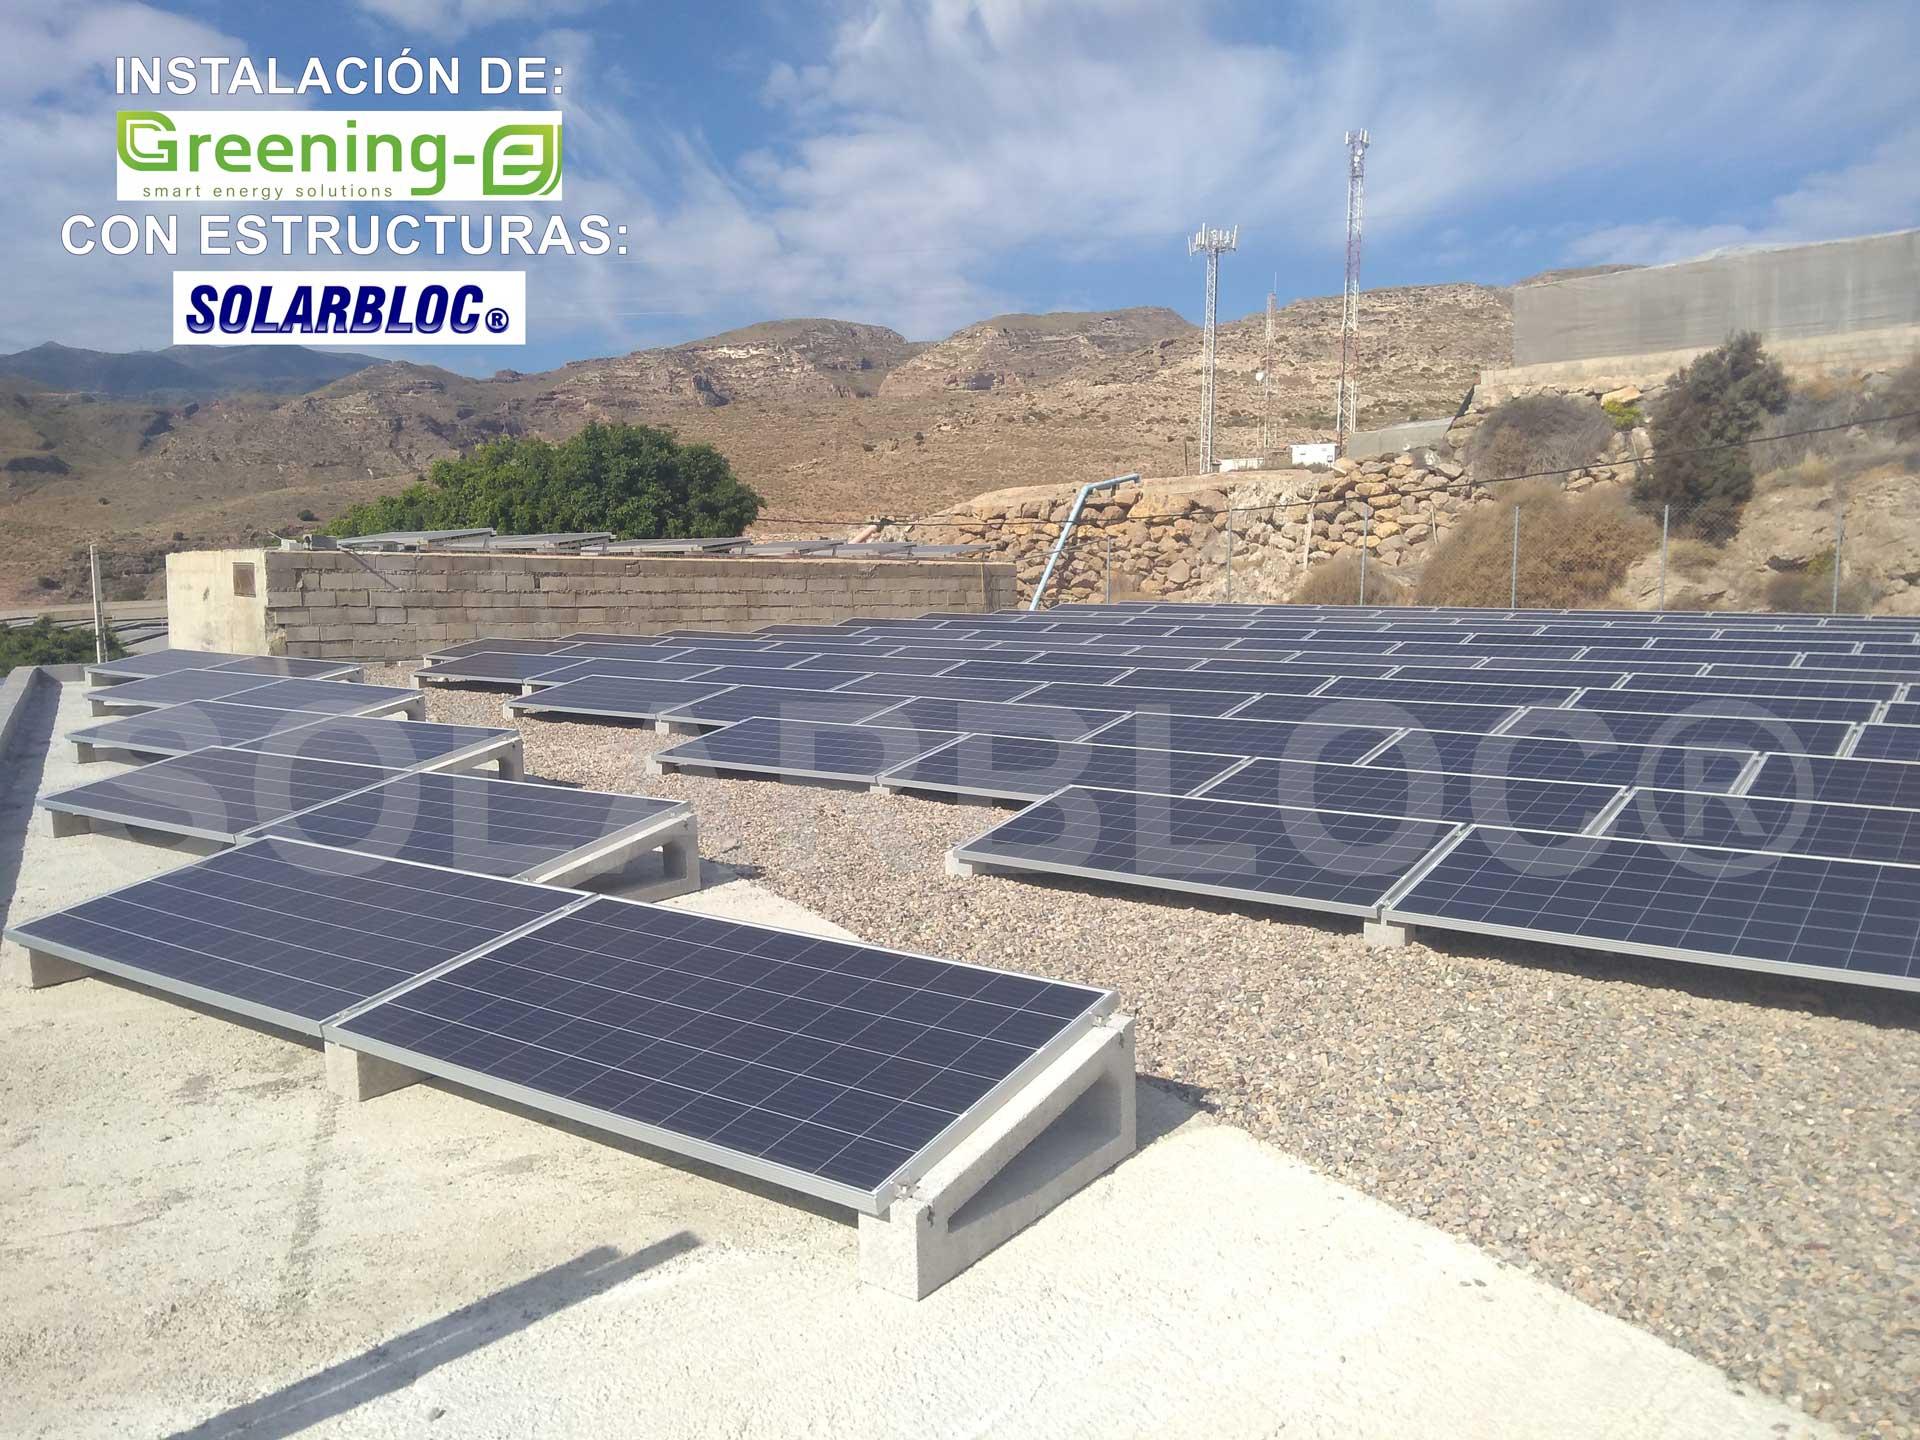 Soportes para placas solares Greening SOLARBLOC